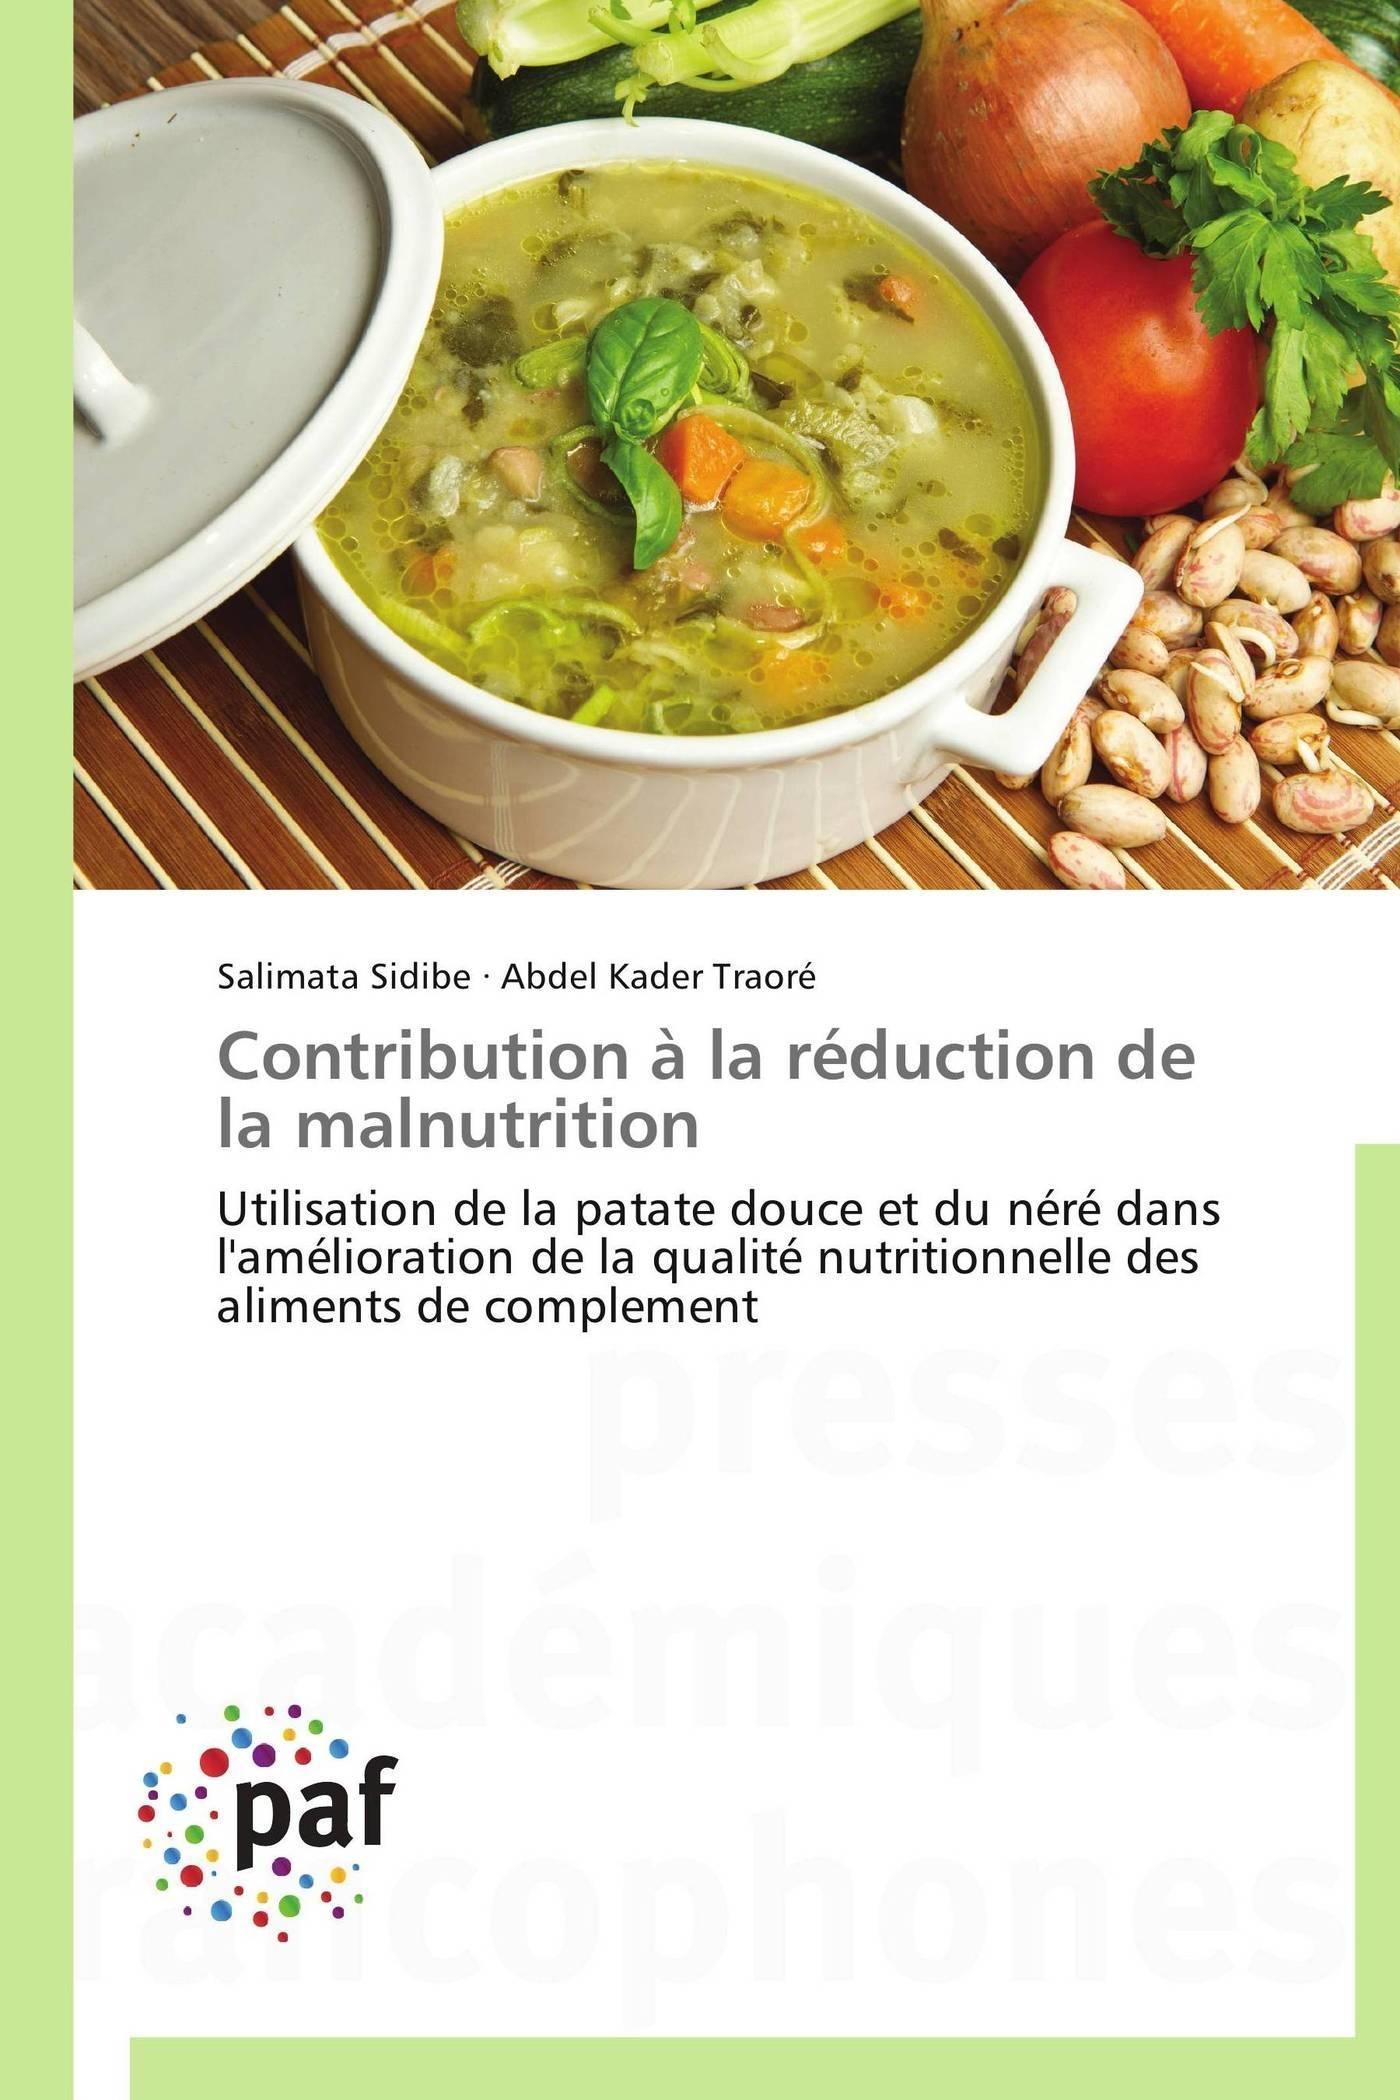 CONTRIBUTION A LA REDUCTION DE LA MALNUTRITION